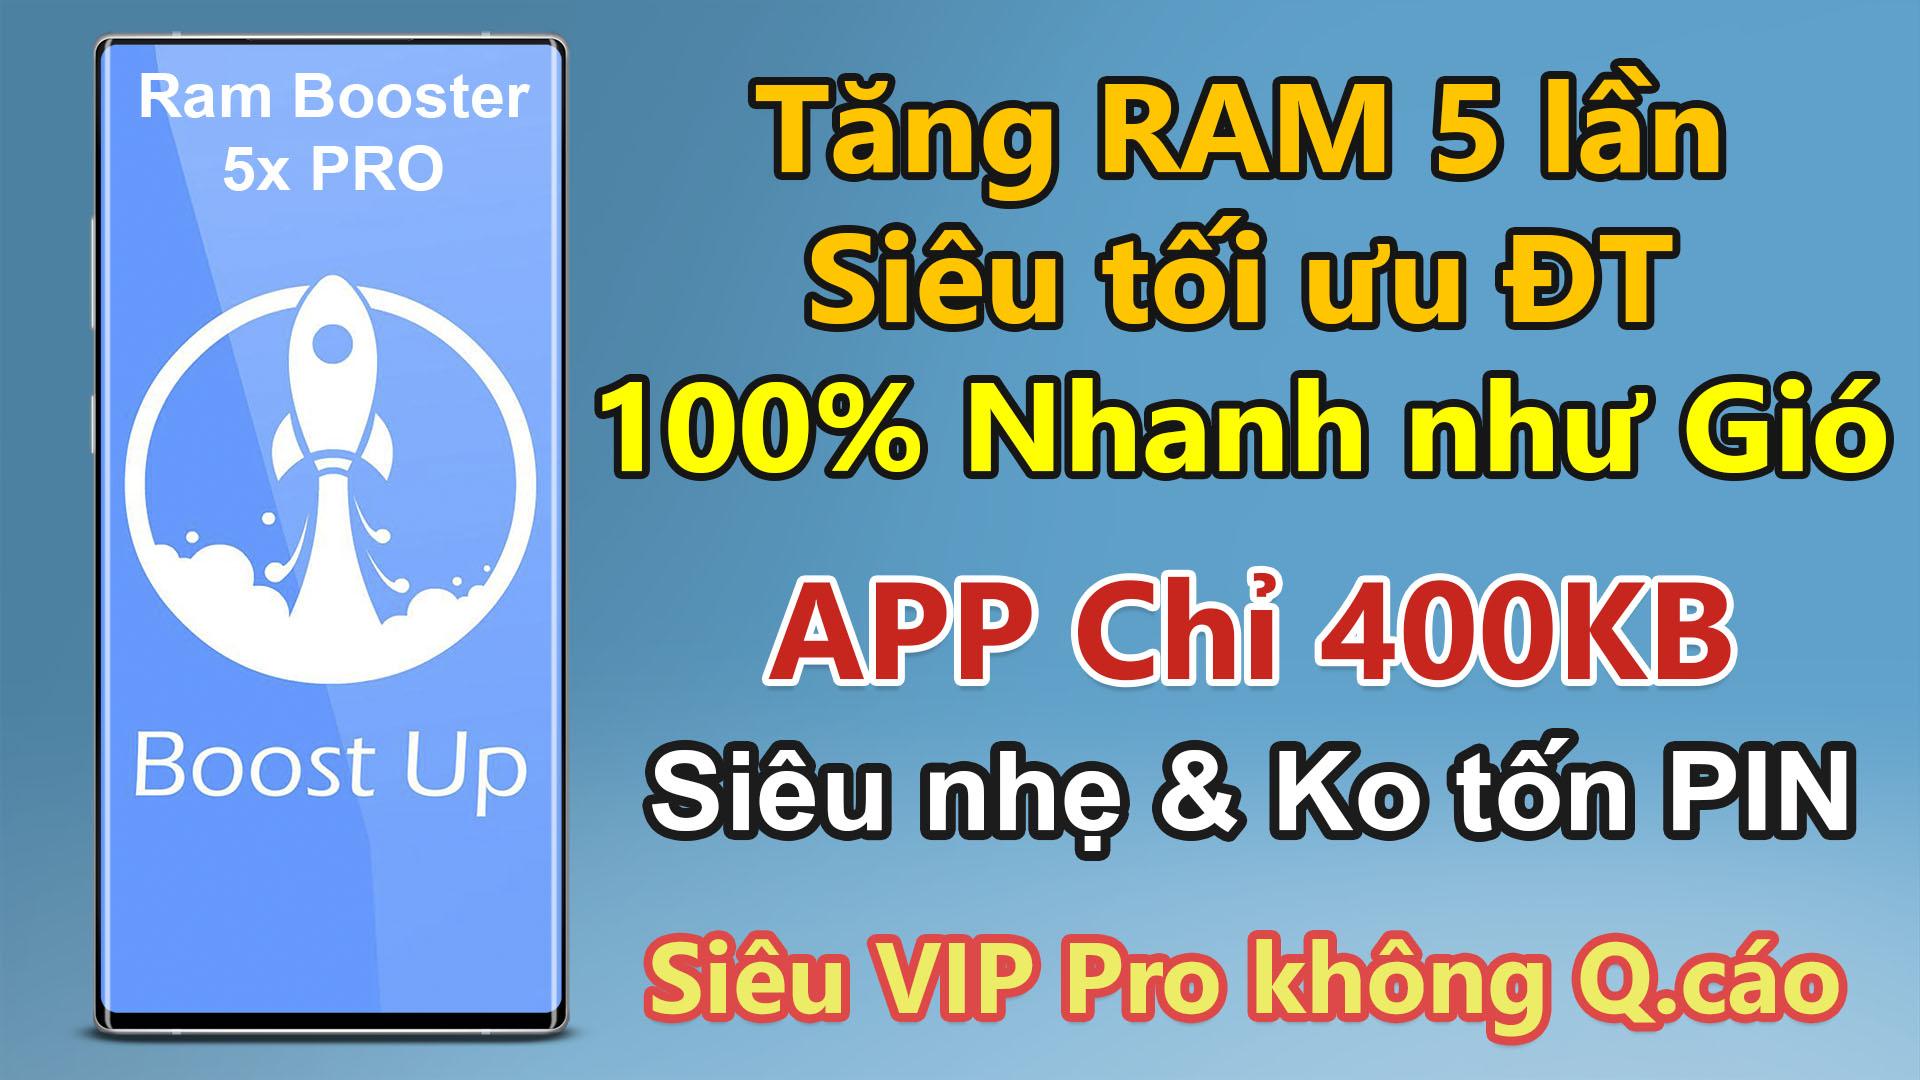 Cách Tăng RAM lên 5 lần Siêu tối ưu Điện thoại Android với ứng dụng Ram Booster 5X Pro